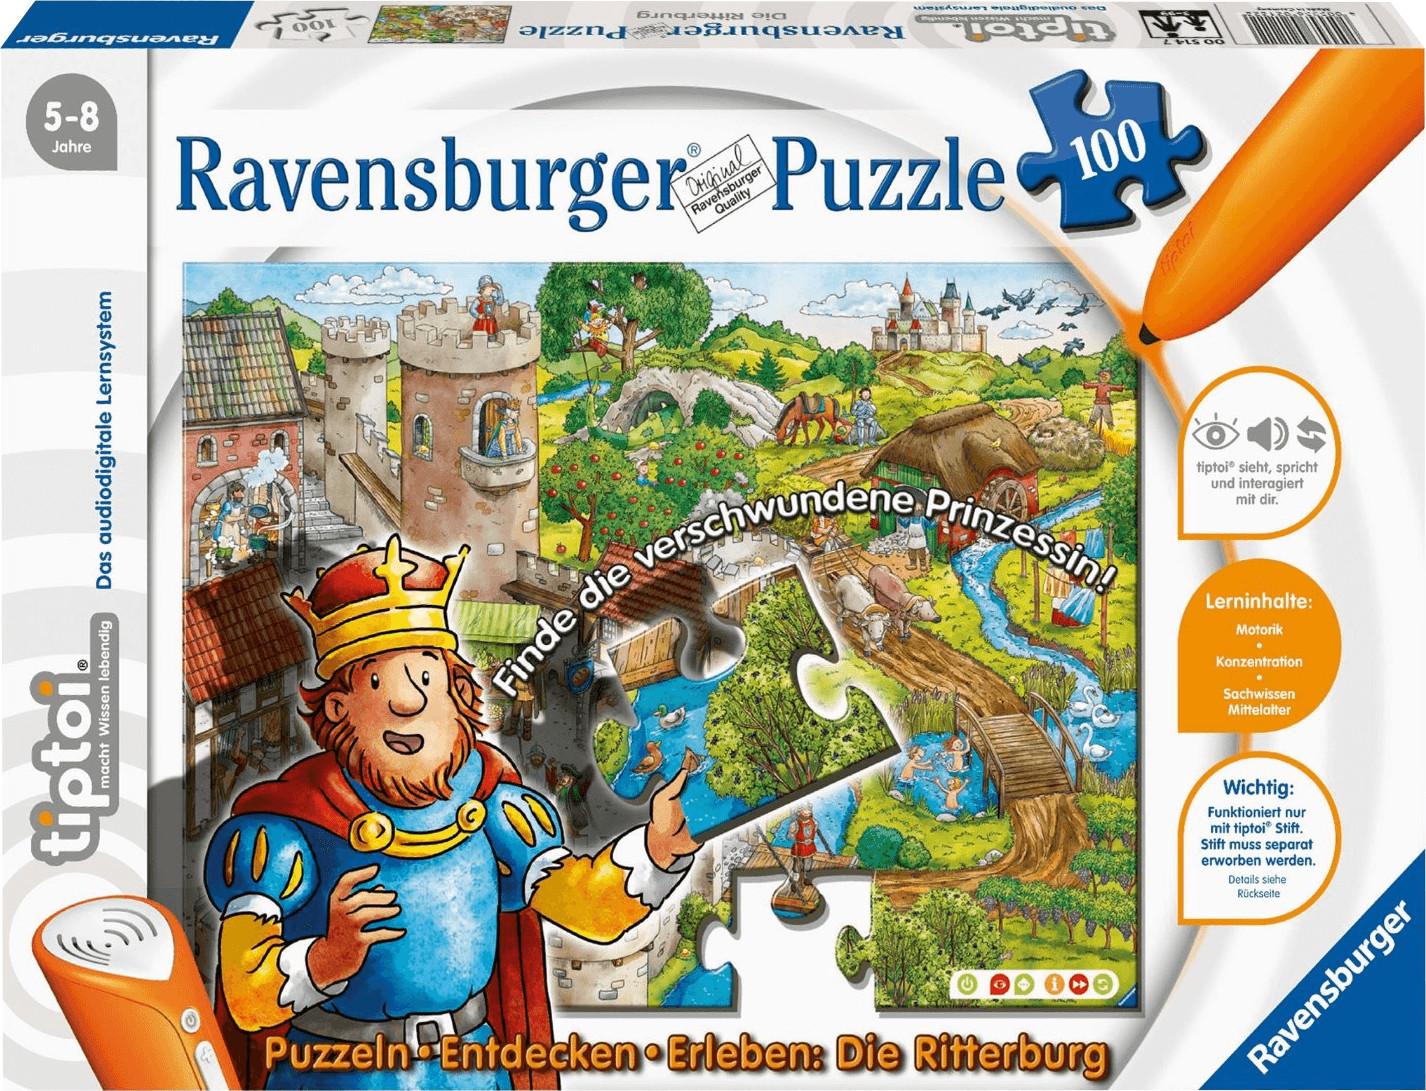 Ravensburger tiptoi - Puzzeln, Entdecken, Erleben - Die Ritterburg (100 Teile)